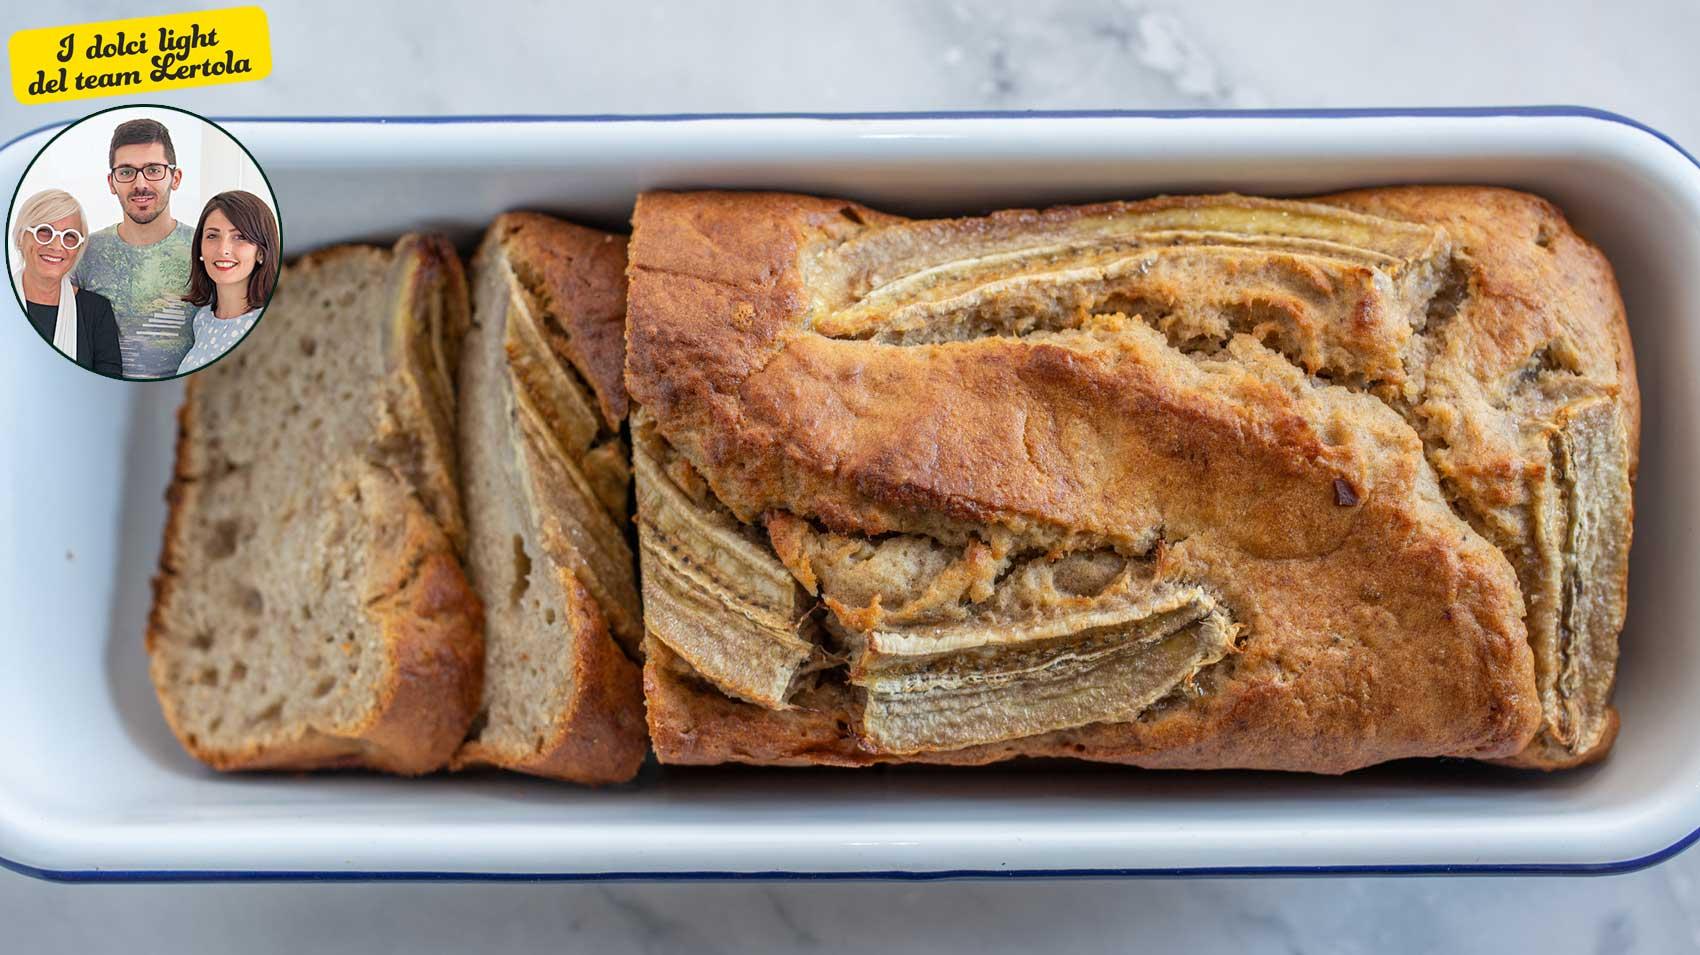 banaba bread del team Lertola